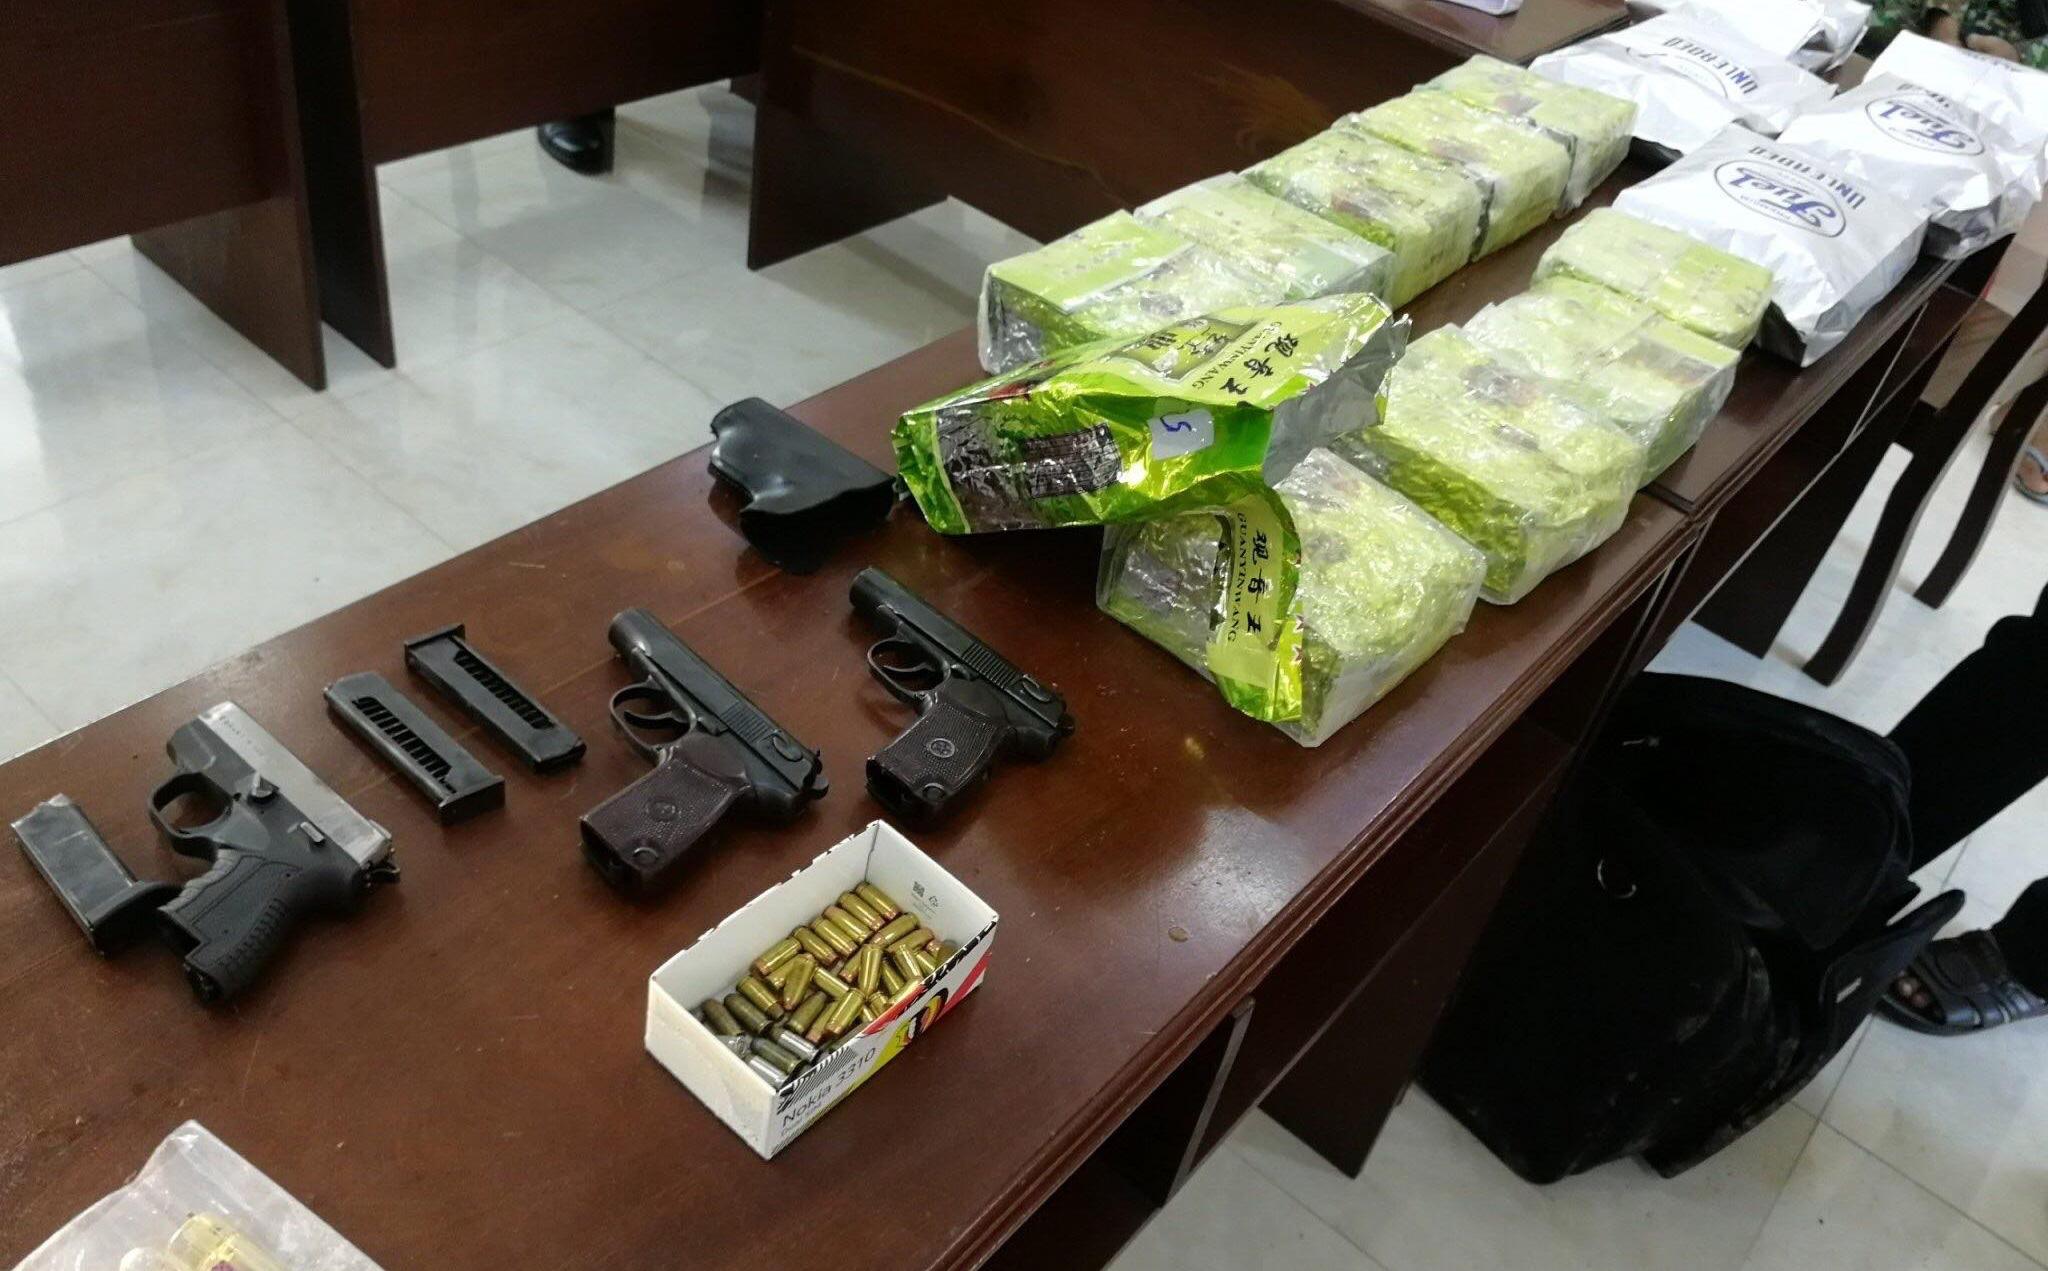 Bắt thêm 6 người liên quan đường dây vận chuyển 3 khẩu súng cùng hơn 20kg ma túy qua biên giới